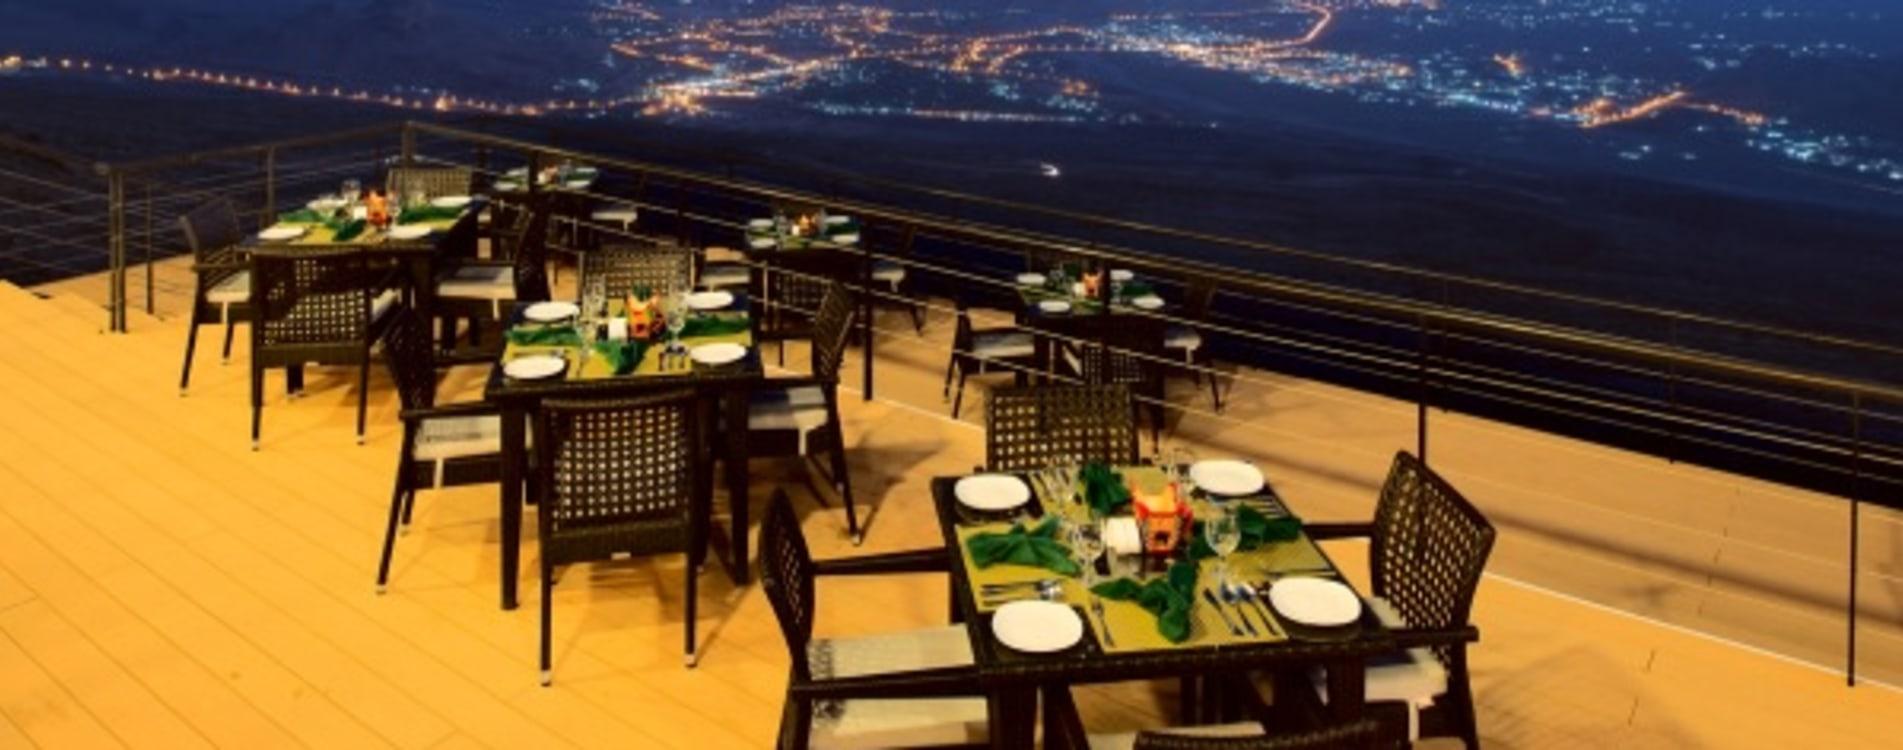 The-View-Oman-Restaurant-Terrasse-Nacht.jpg